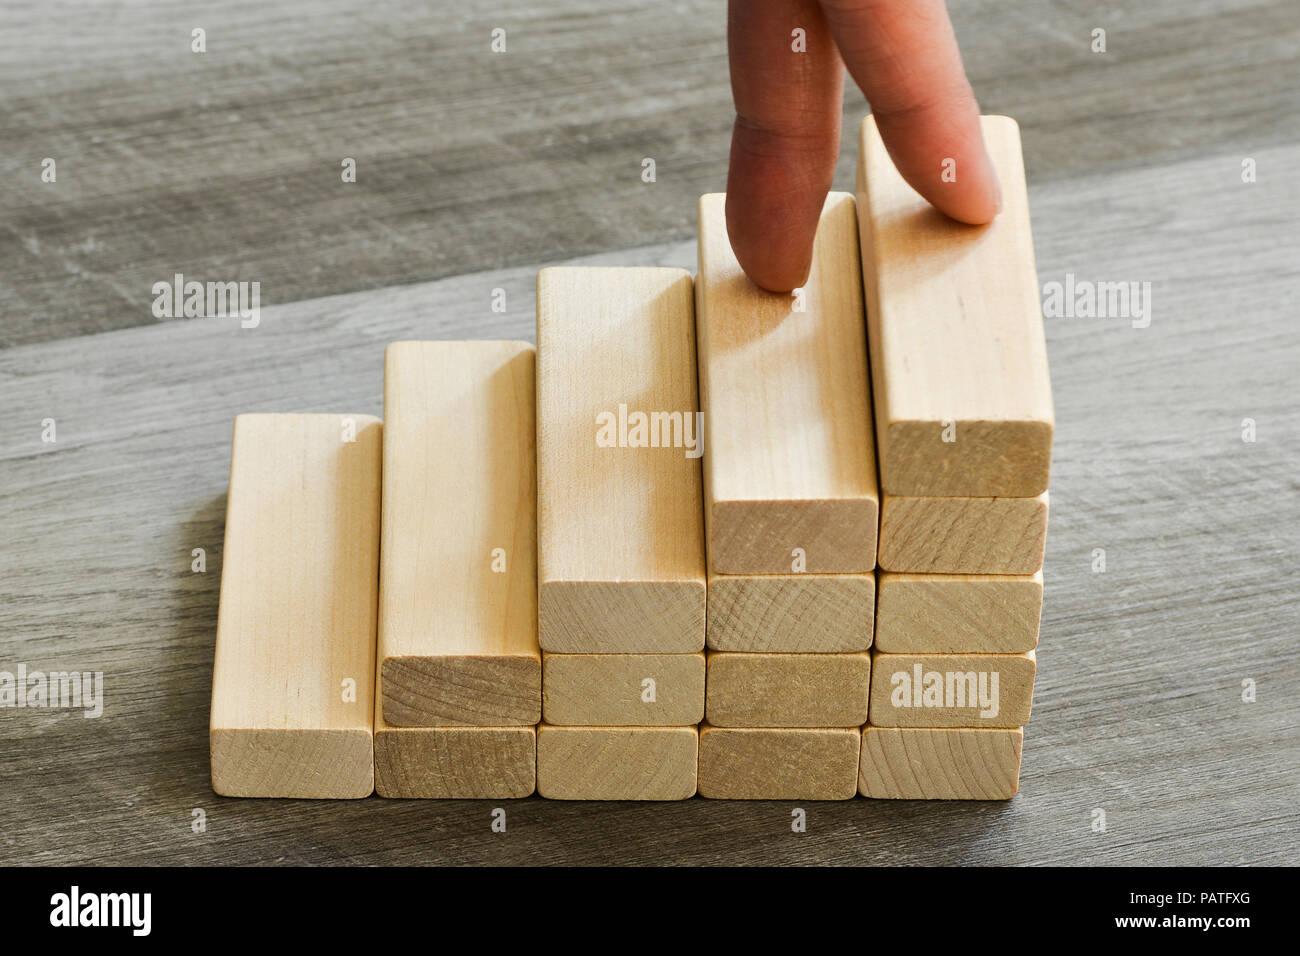 Dedos subiendo hasta la parte superior de la escalera de madera oscura sobre fondo - Concepto de éxito Imagen De Stock